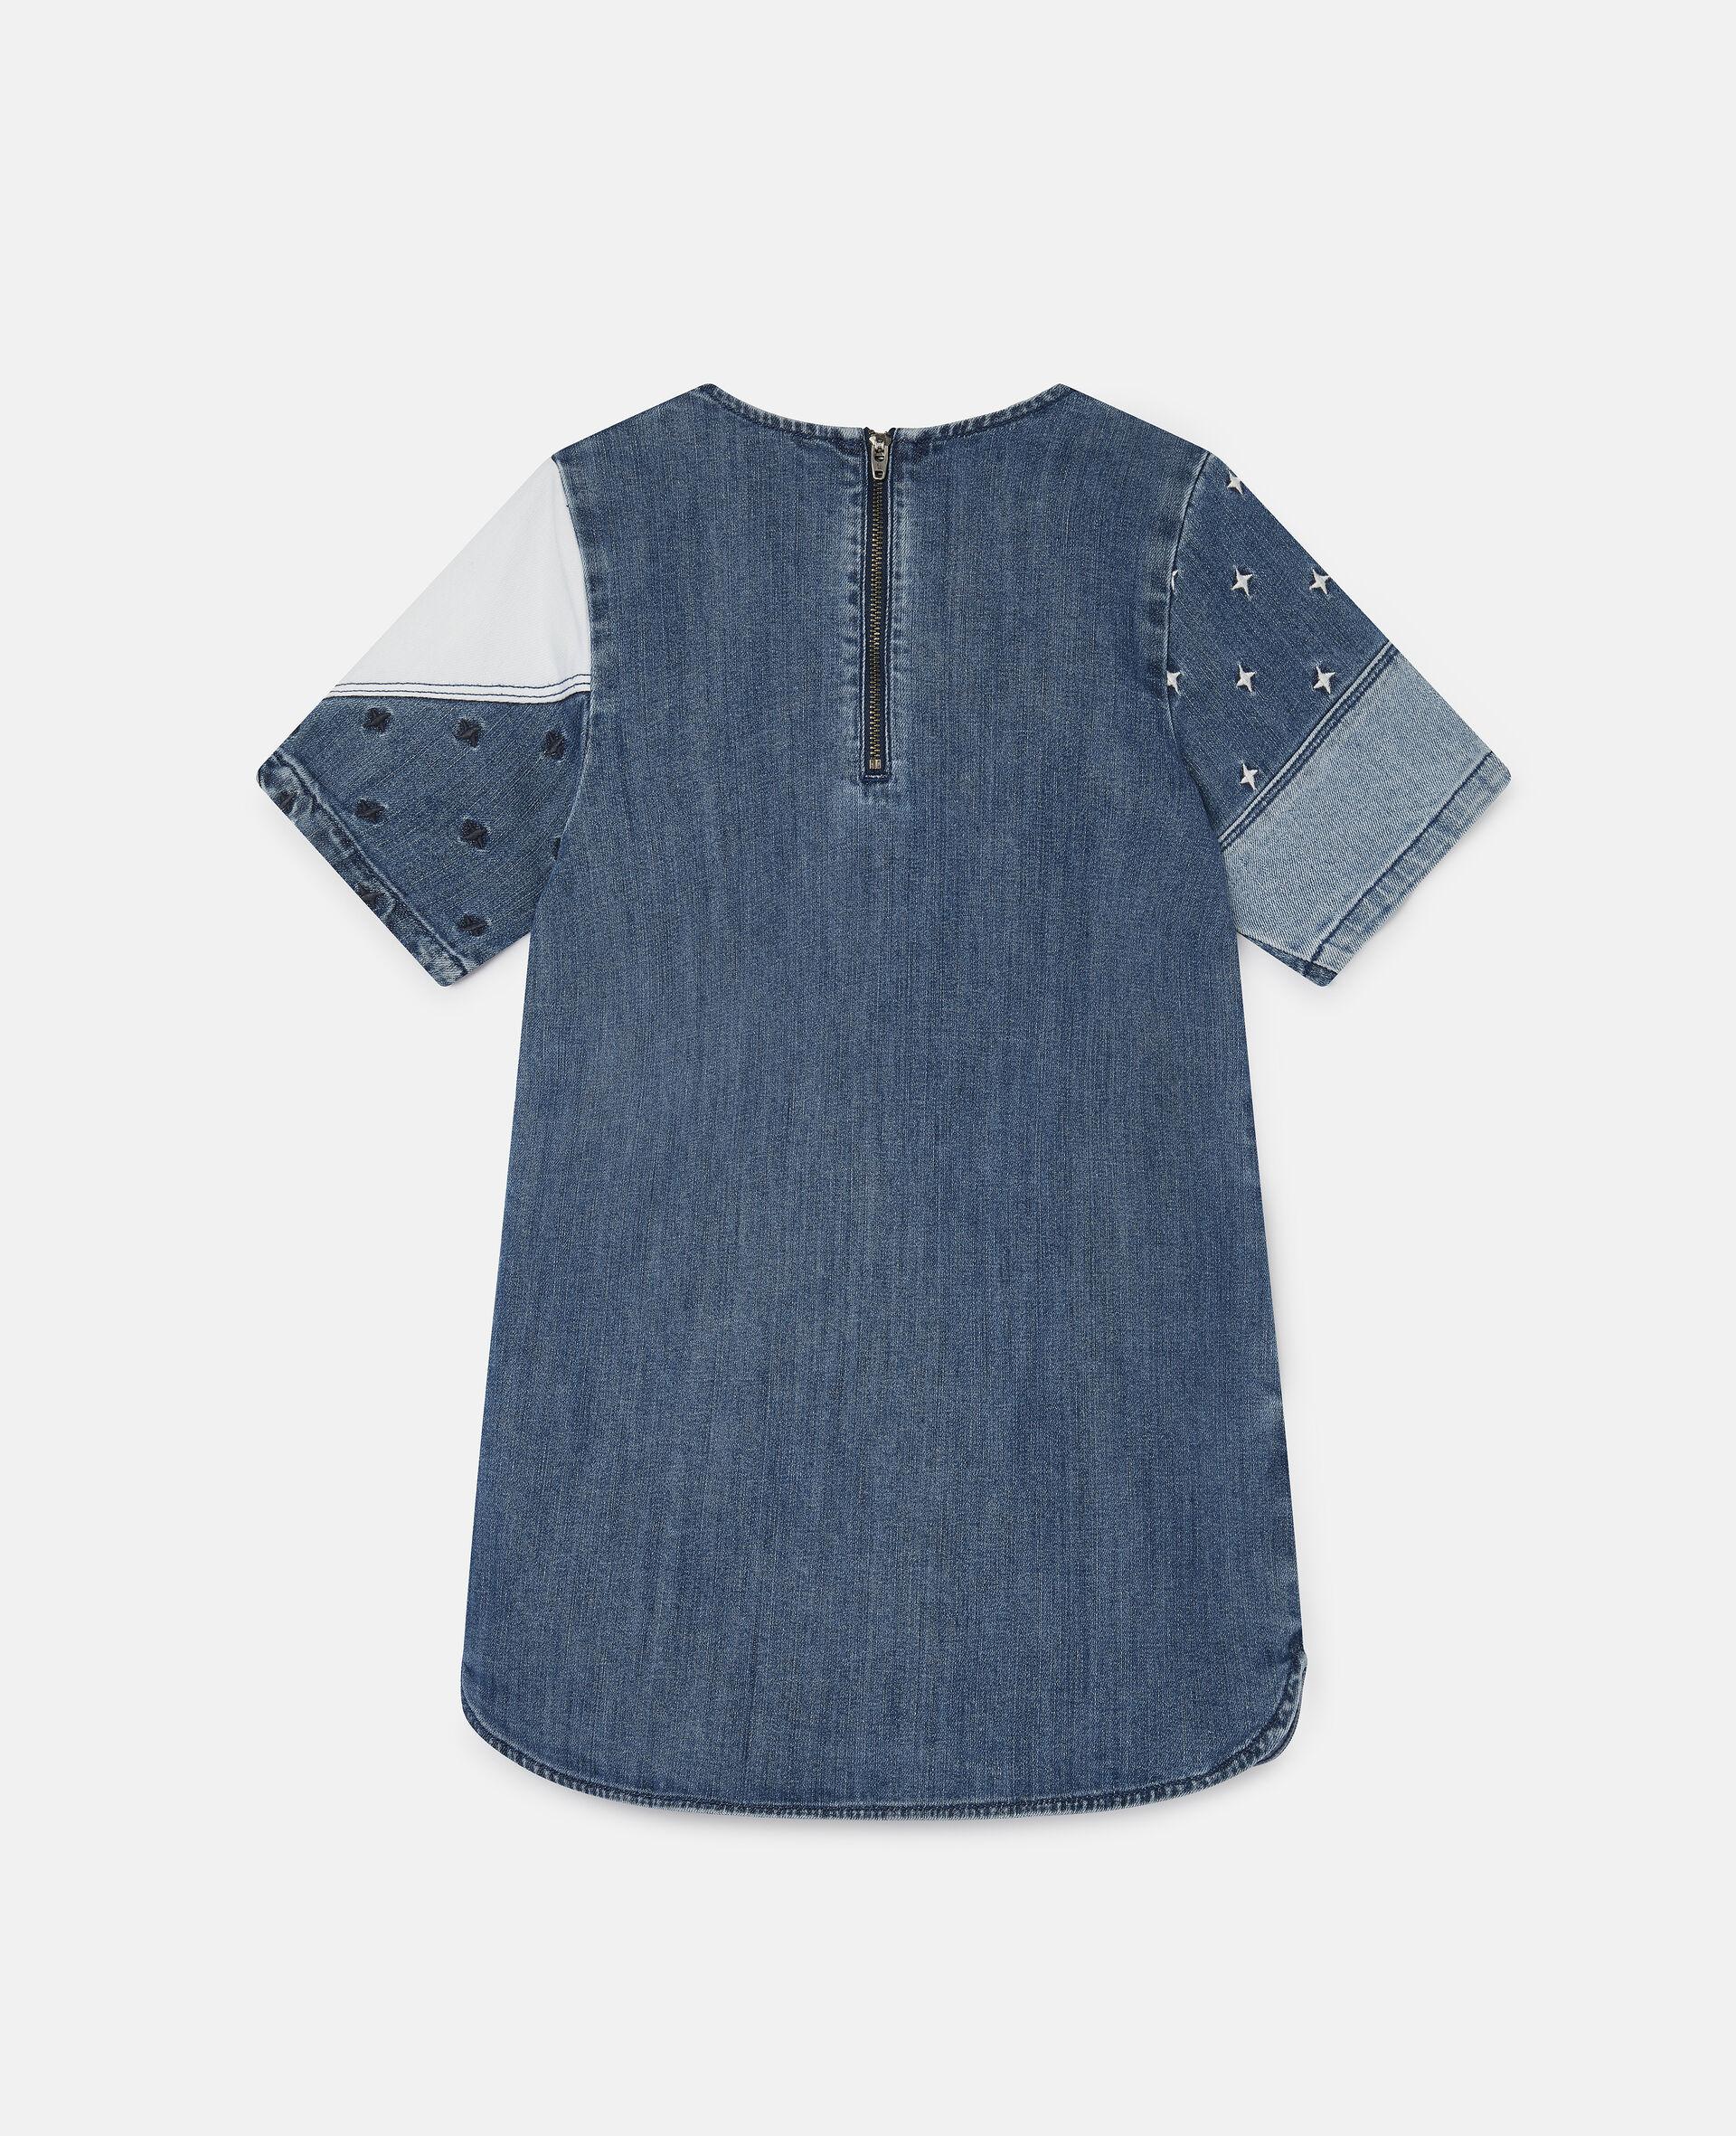 Embroidered Stars Patchwork Denim Dress-Blue-large image number 3